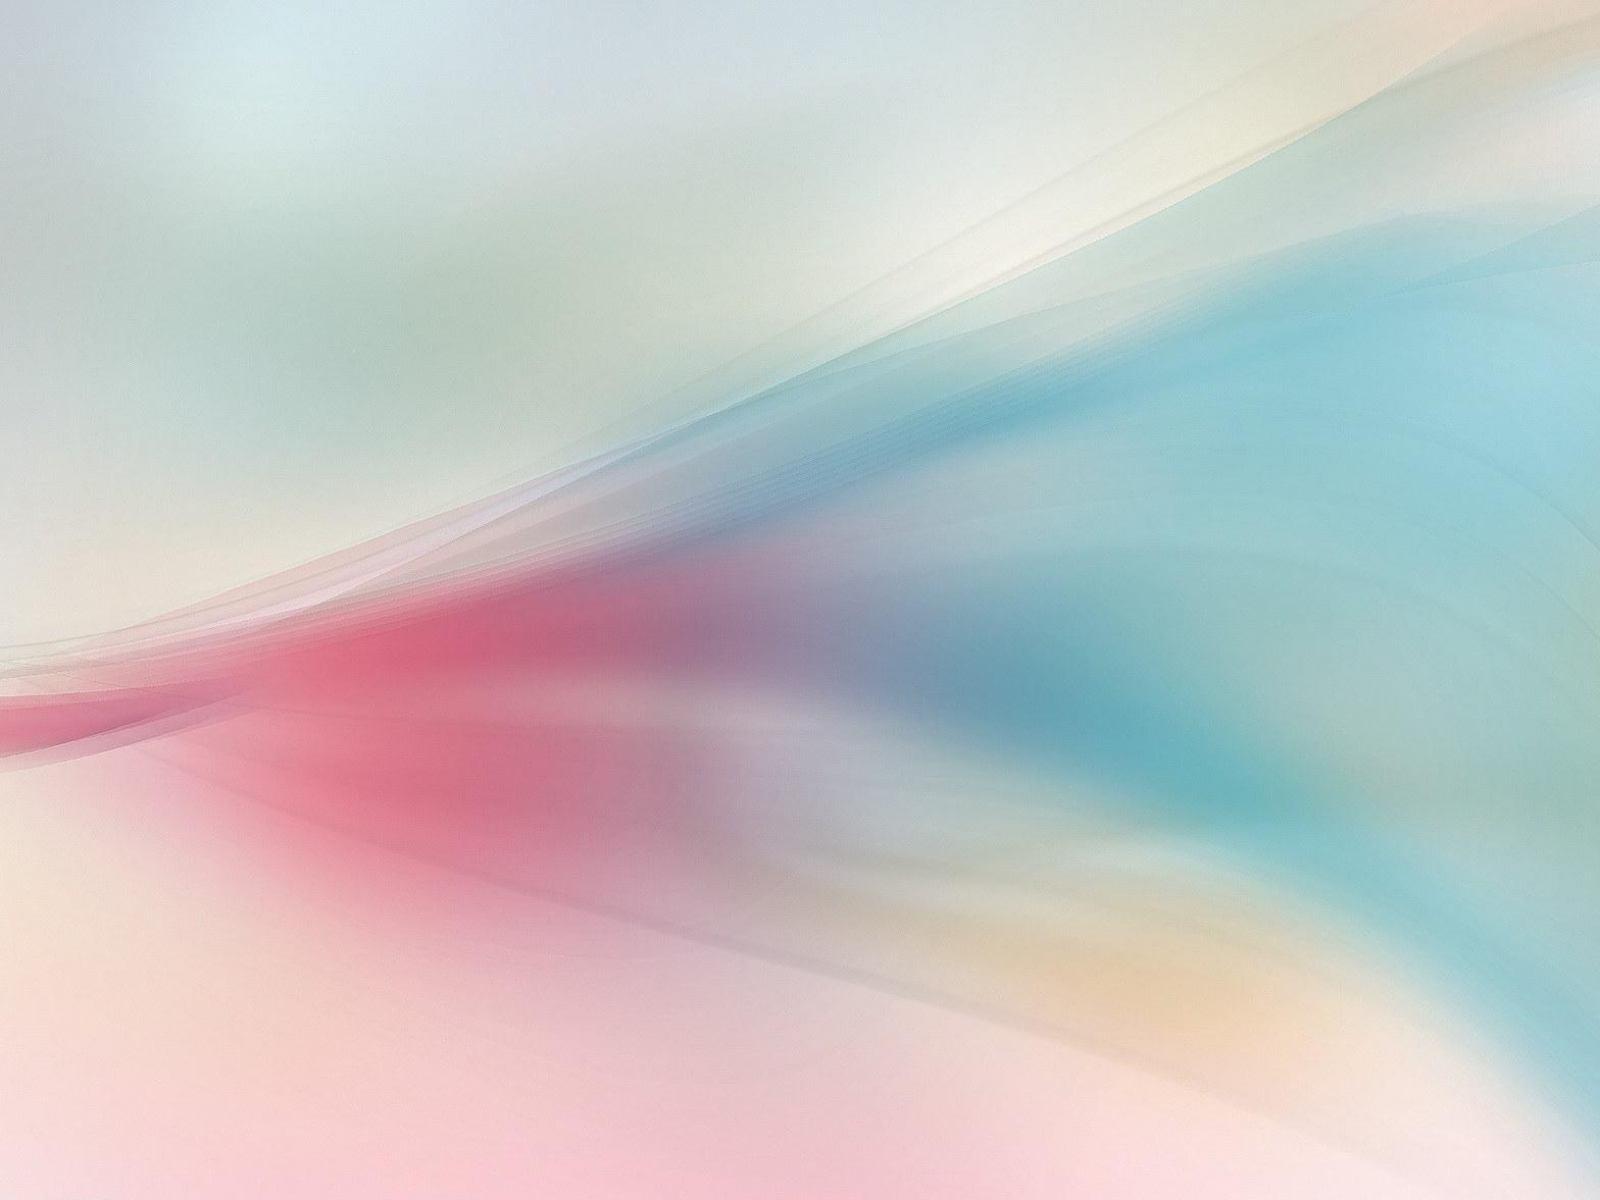 Екатеринбург желто розово голубой фон времени вылета самолета